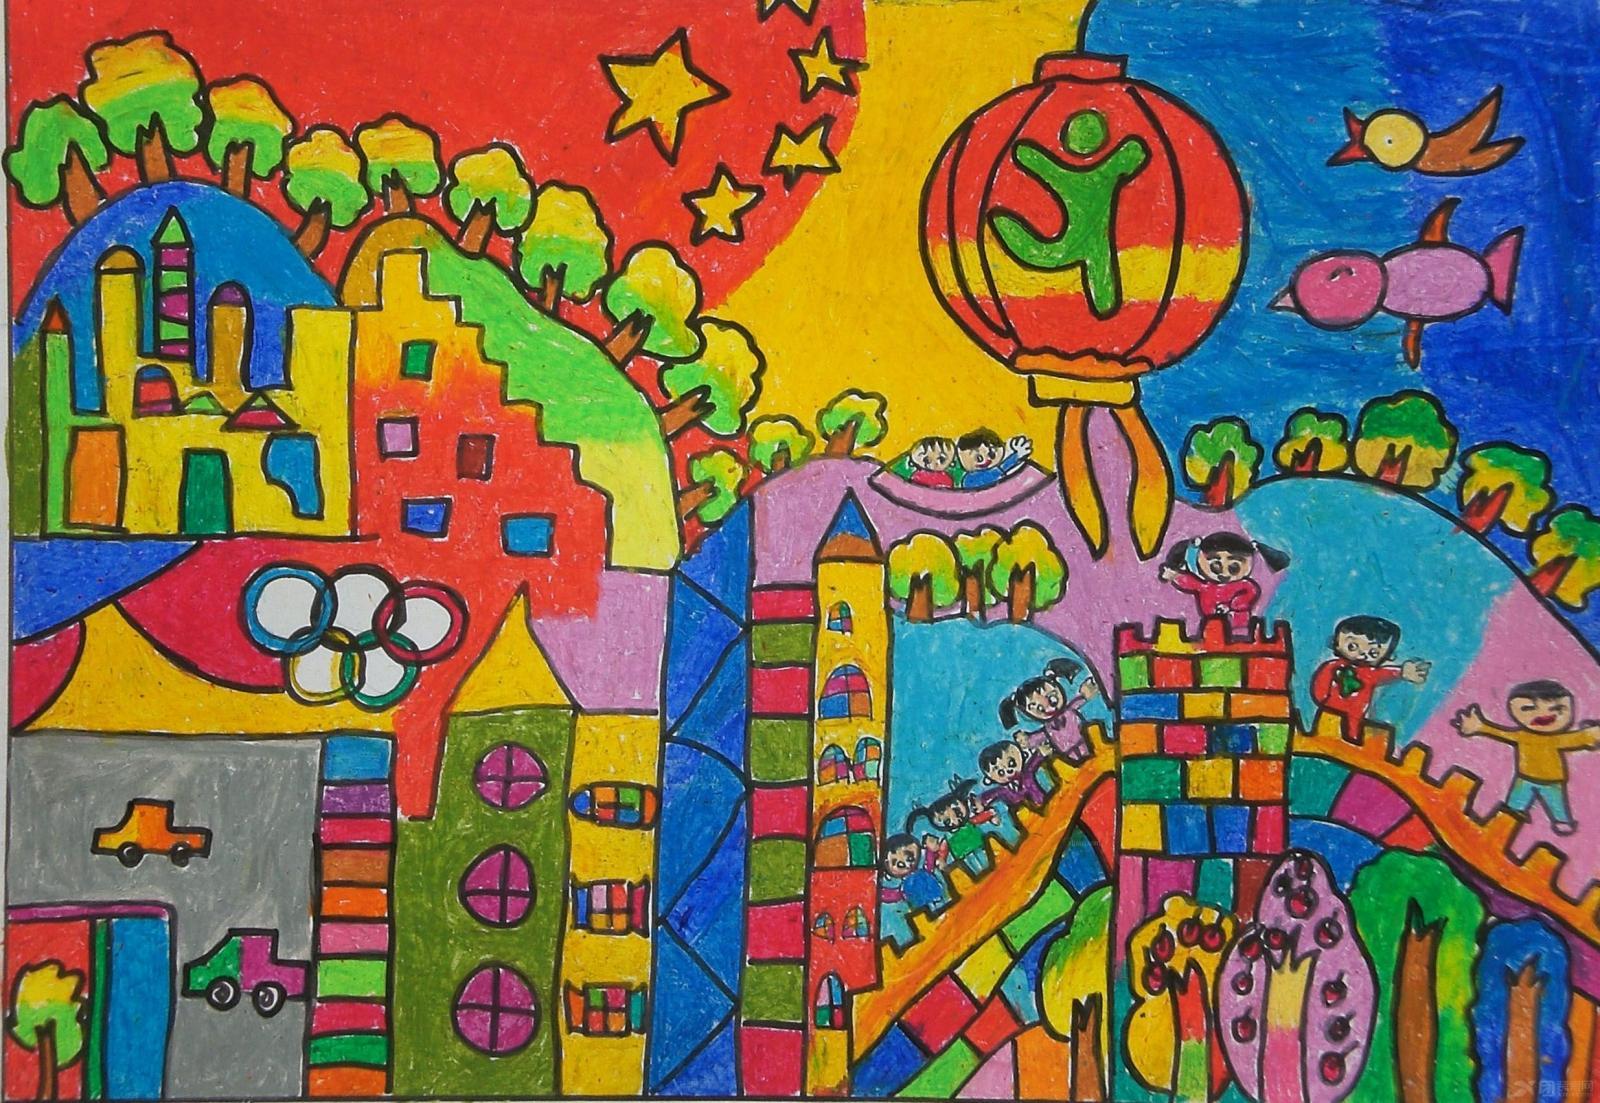 儿童画还有很多的要点,比如说儿童画的形式,儿童画的主题,儿童画的色彩搭配等等,儿童画也包含了孩子们的内心世界,也许有些语言是不能够很明确的表达出他们的想法,但是儿童画却可以。 儿童画欣赏:  蓝色的海洋,广阔的天空,白色的云朵,多彩的气球,这些都象征着自由。表明了孩子们的内心是多么的渴望自由,和自己最亲爱的小伙伴们,一起自由飞翔在天空中,很开心很快乐。我们平时在教育孩子们时也要适当的放松娱乐哦。 儿童画欣赏:  我们从幼儿园到大学,期间会经历小学,初中,高中。在这段期间遇到的人并和她们友好的相处是不